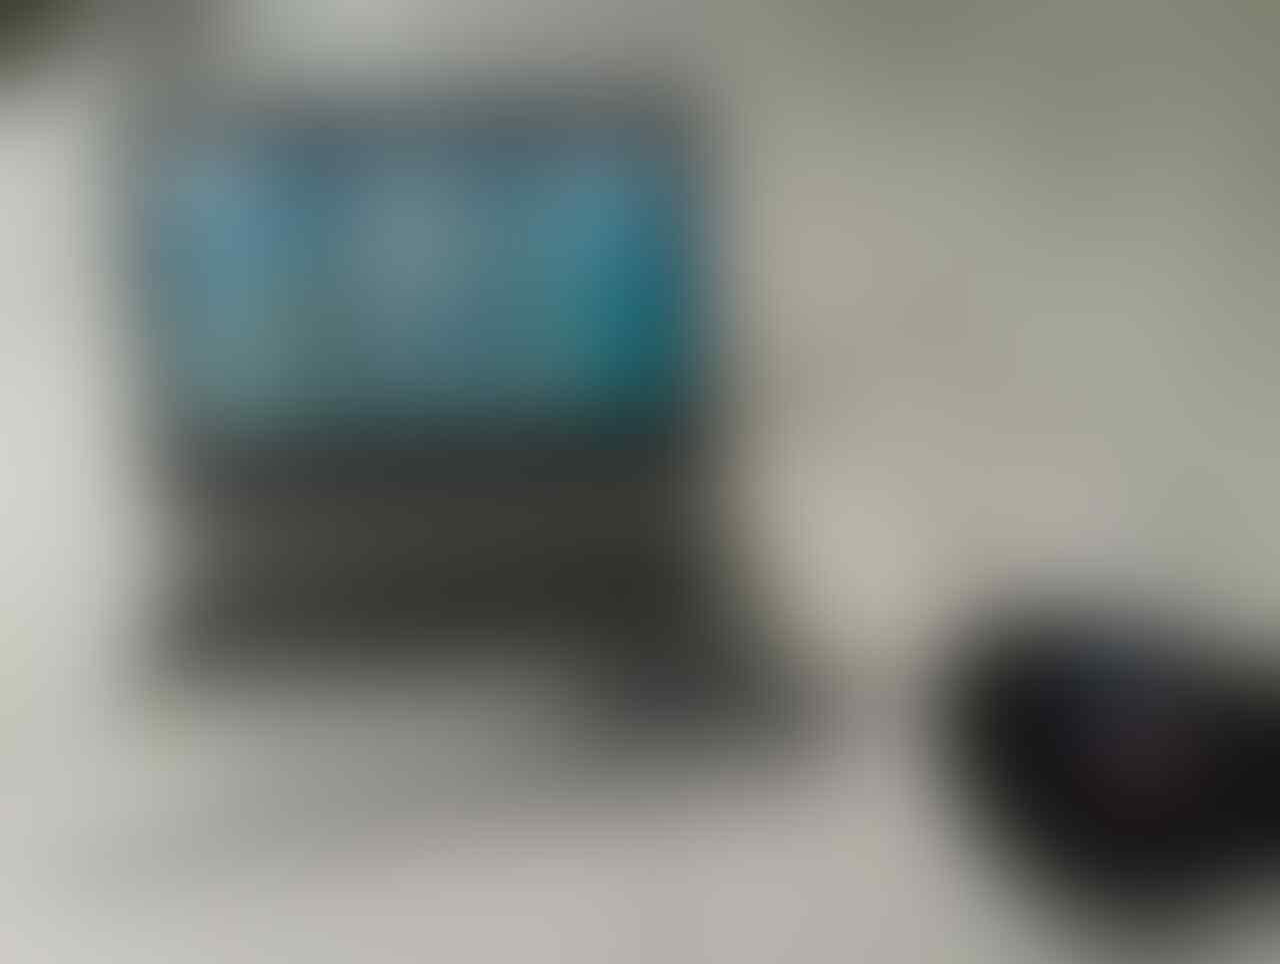 Review Asus A46cb Gaming Laptop Pengalaman Pribadi Gan Kaskus Adaptor Charger Original A46 A46c A46ca A46cm 19v 342a